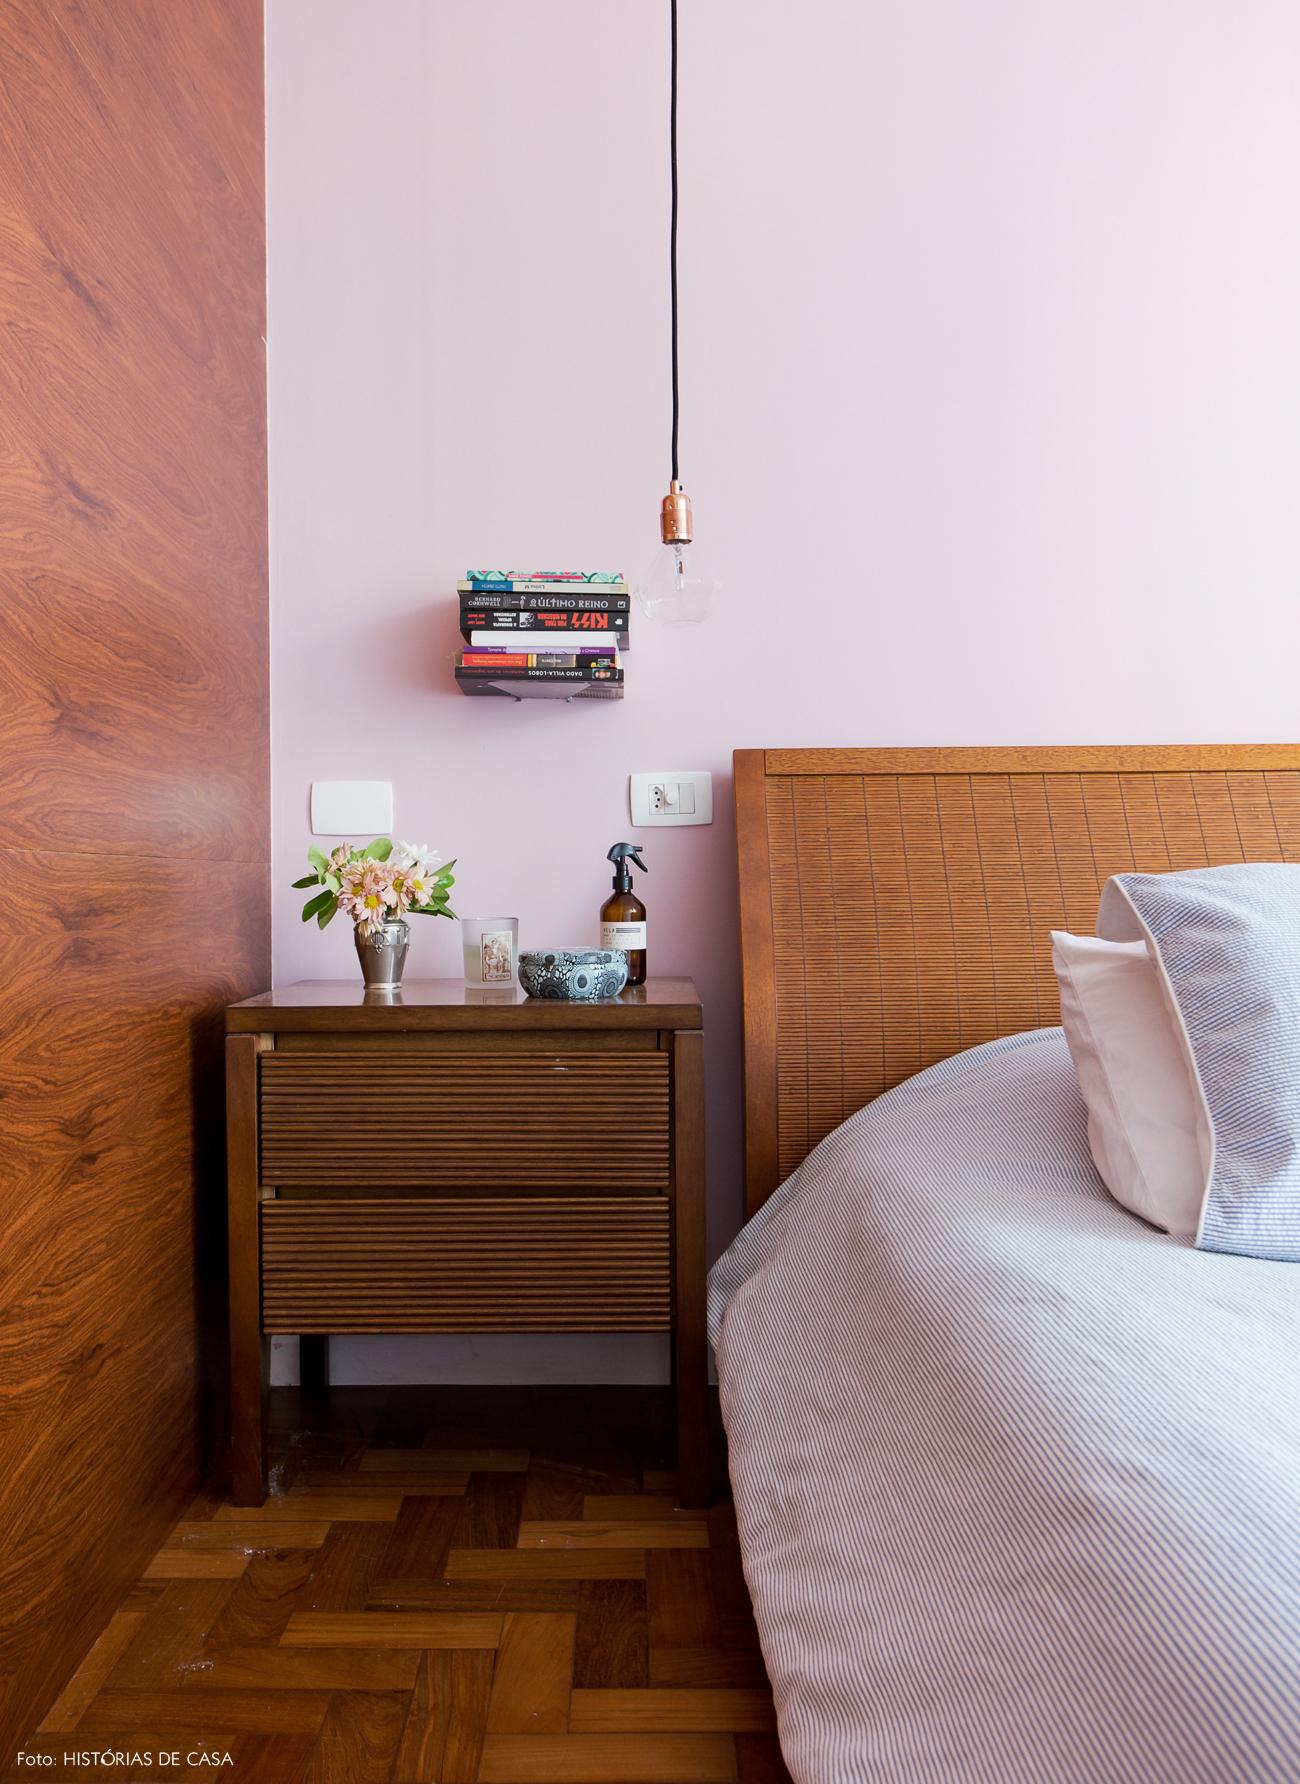 41-decoracao-quarto-casal-parede-rosa-cama-madeira-cobre